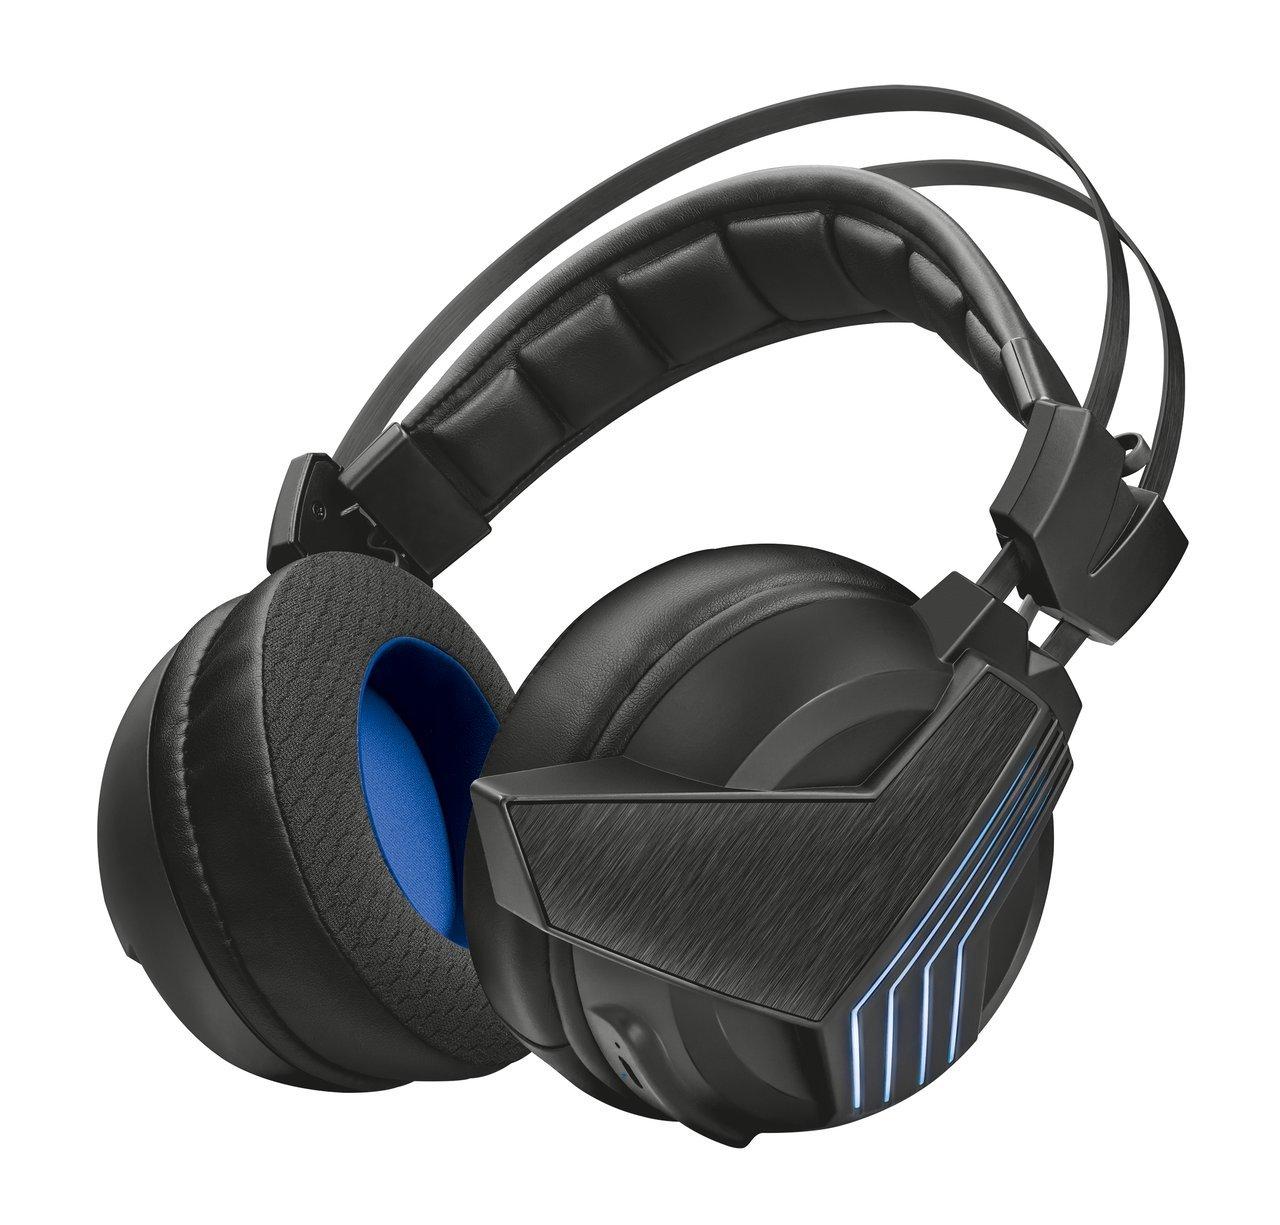 Trust Gaming GXT 393 Magna Cuffie Gaming Wireless Over-Ear con Unità Altoparlanti e Suono Surround 7.1, Nero 22796